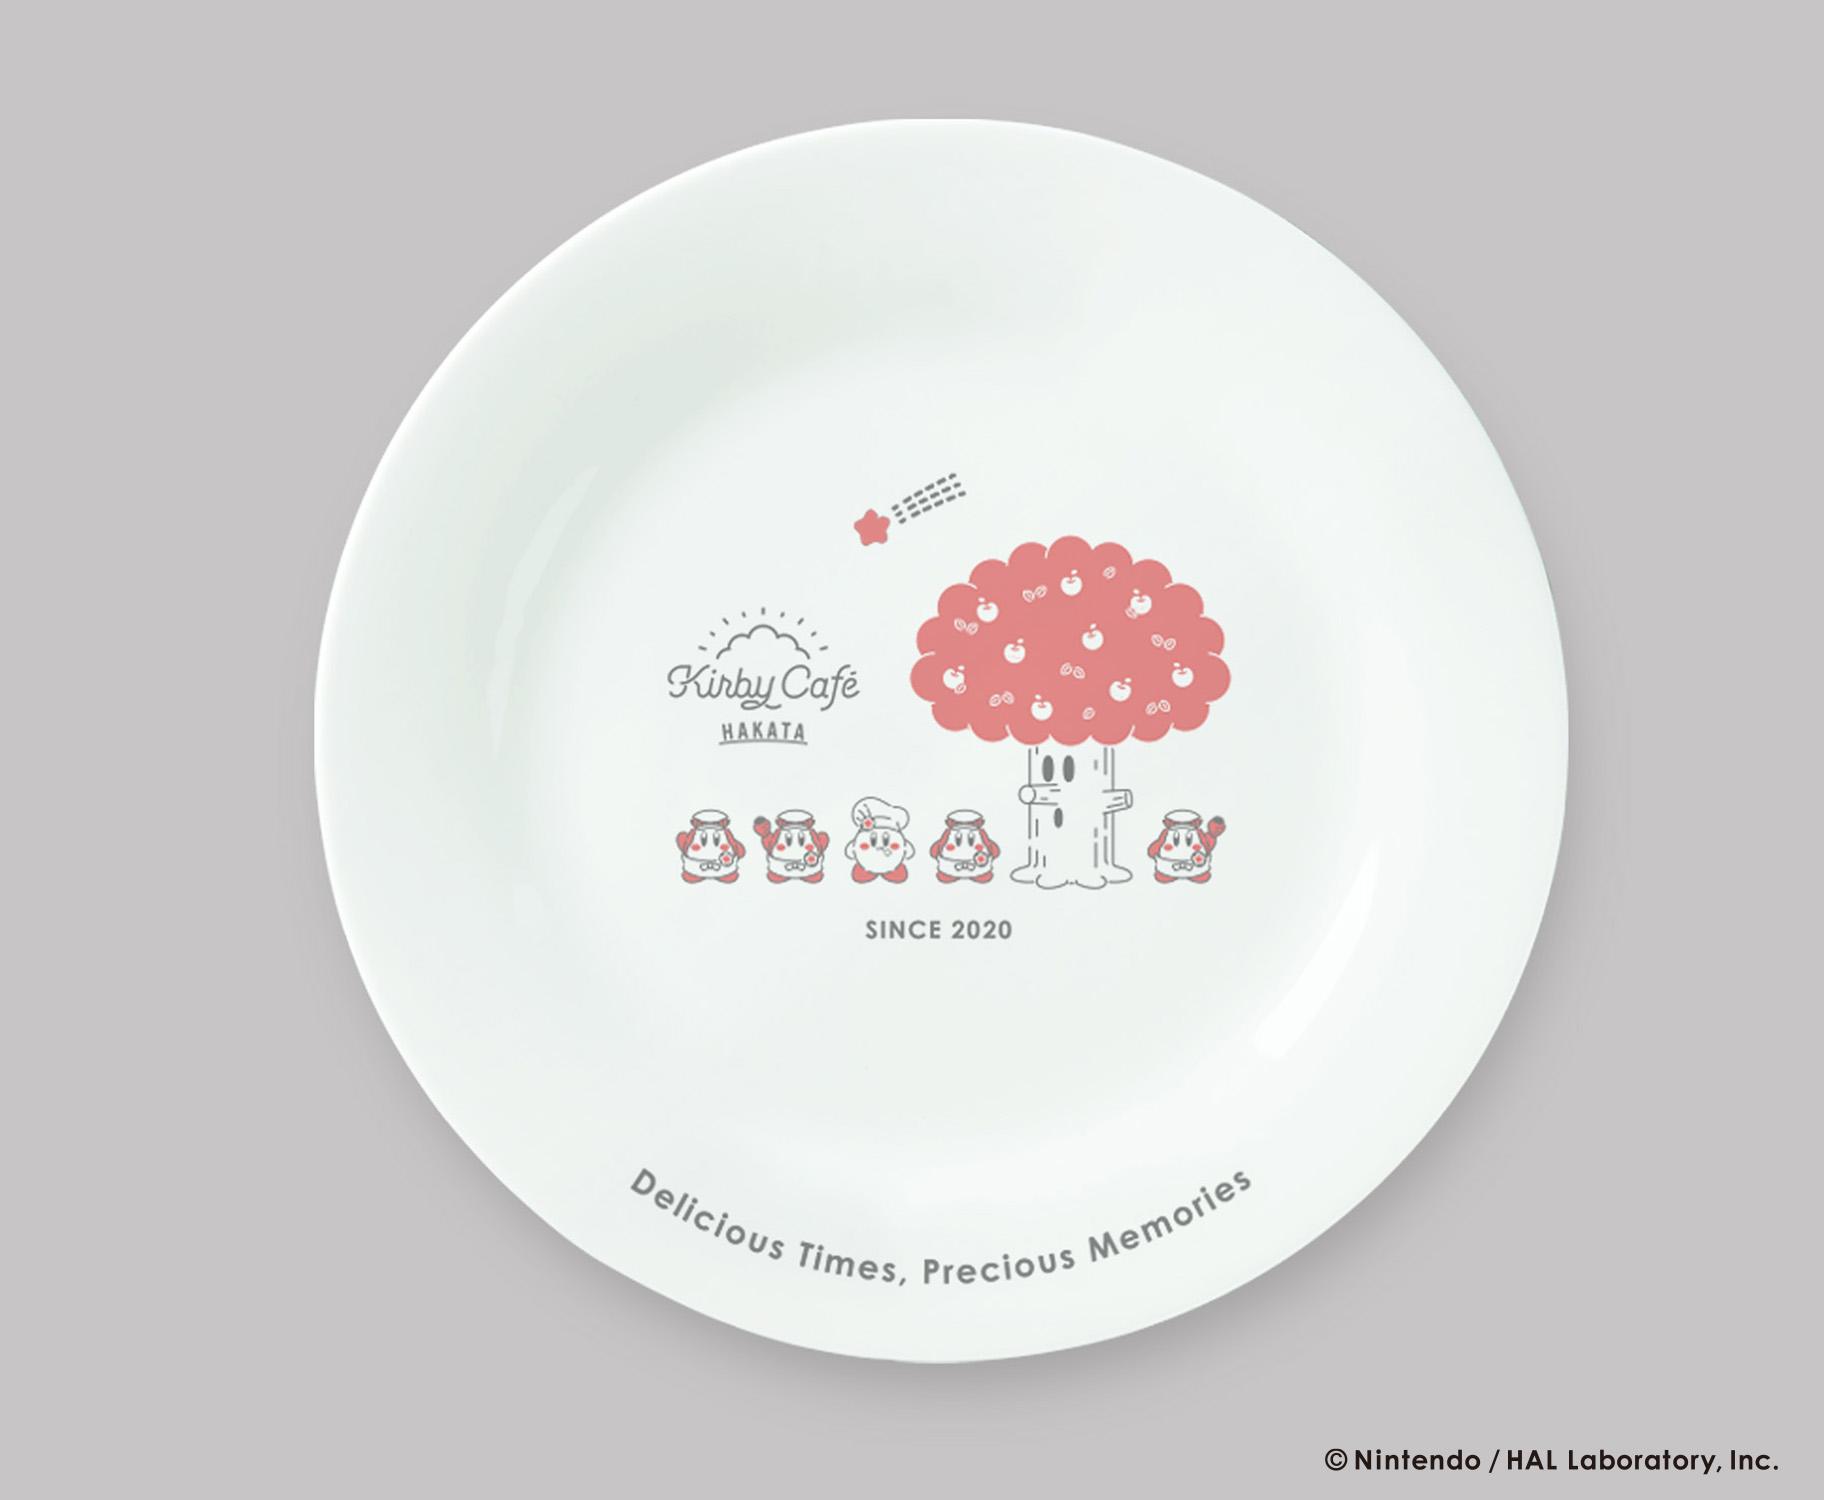 ワドルディバーガー&ミートパスタ 温野菜のせスーベニアプレート (HAKATA)画像